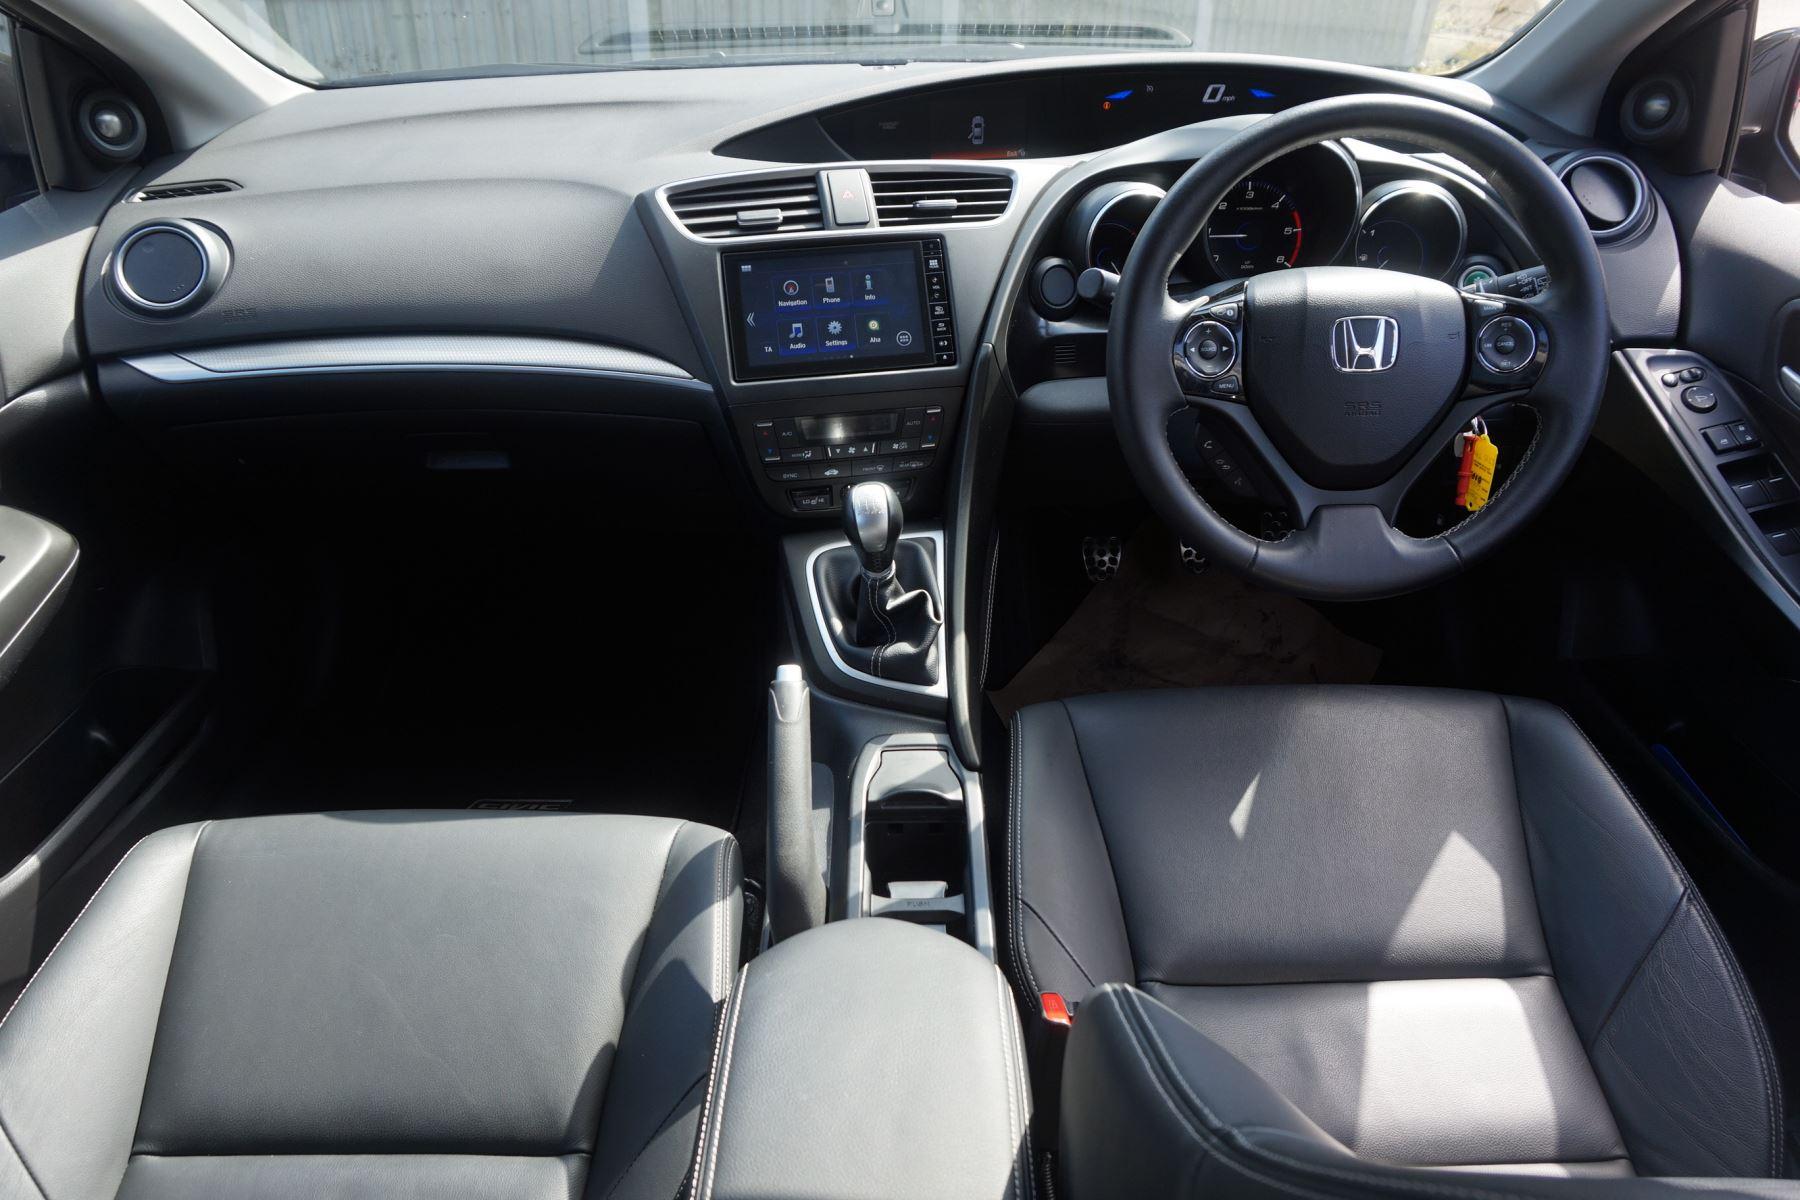 Honda Civic 1.6 i-DTEC SR 5dr image 14